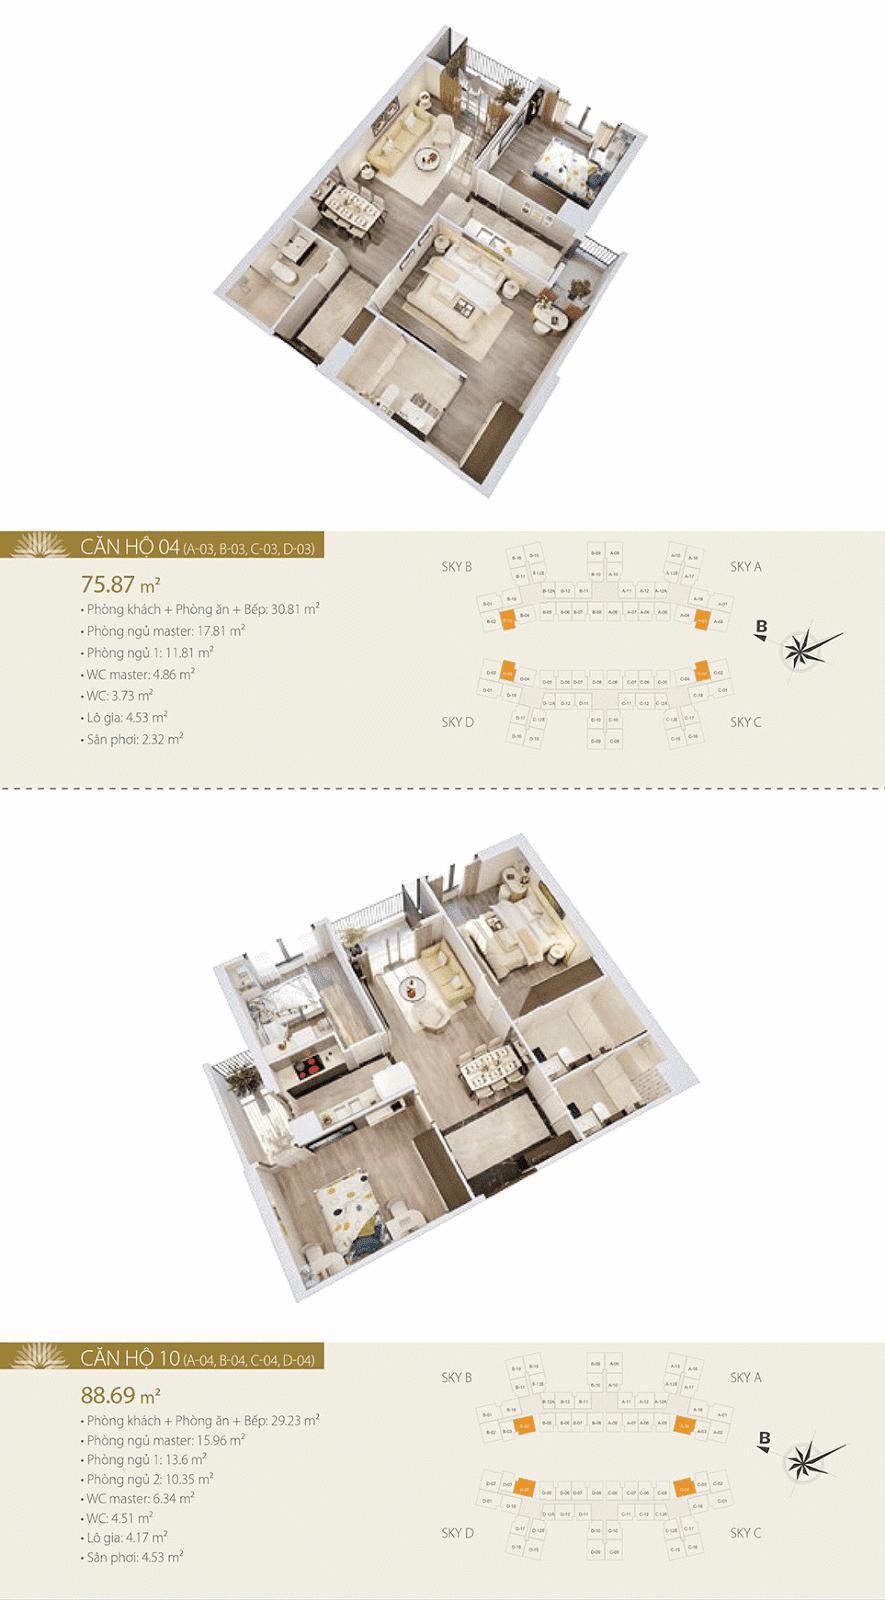 Mặt bằng chi tiết căn hộ 04 và 10 - Imperia Sky Garden